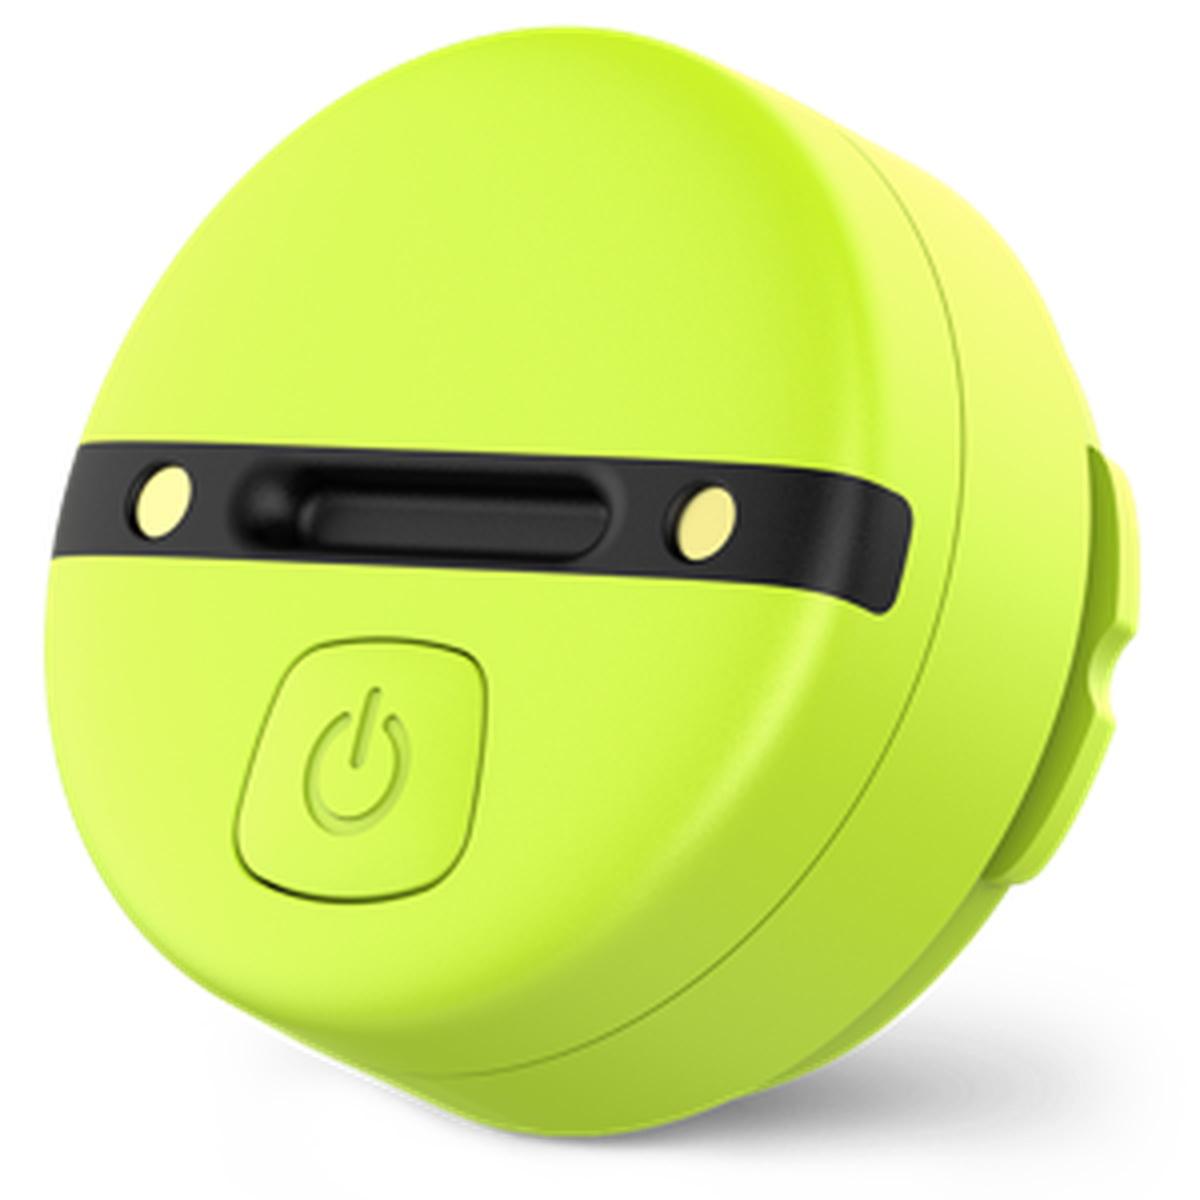 3D-датчик для игры в теннис Zepp Tennis 2 Swing Analyzer (Yellow)